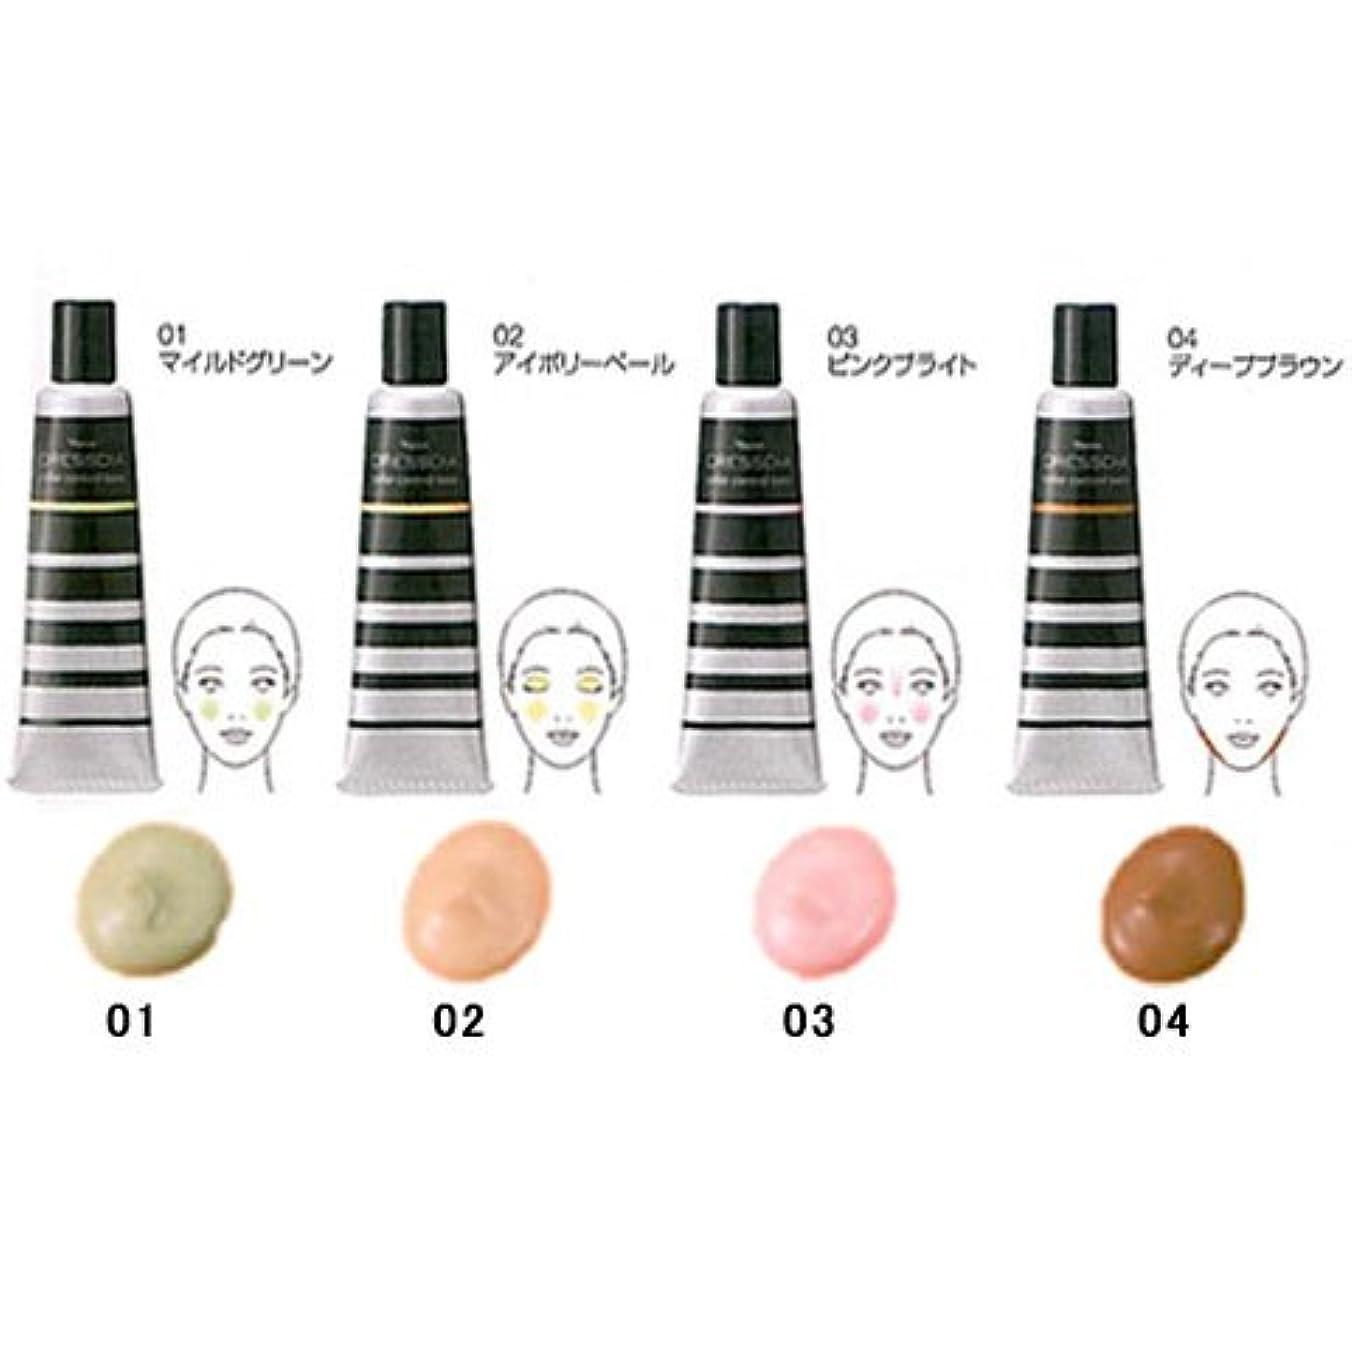 ニックネームモルヒネ偶然ナリス化粧品 ドレスディア カラーコントロールベース部分用 化粧下地 20g 02 アイボリーベール